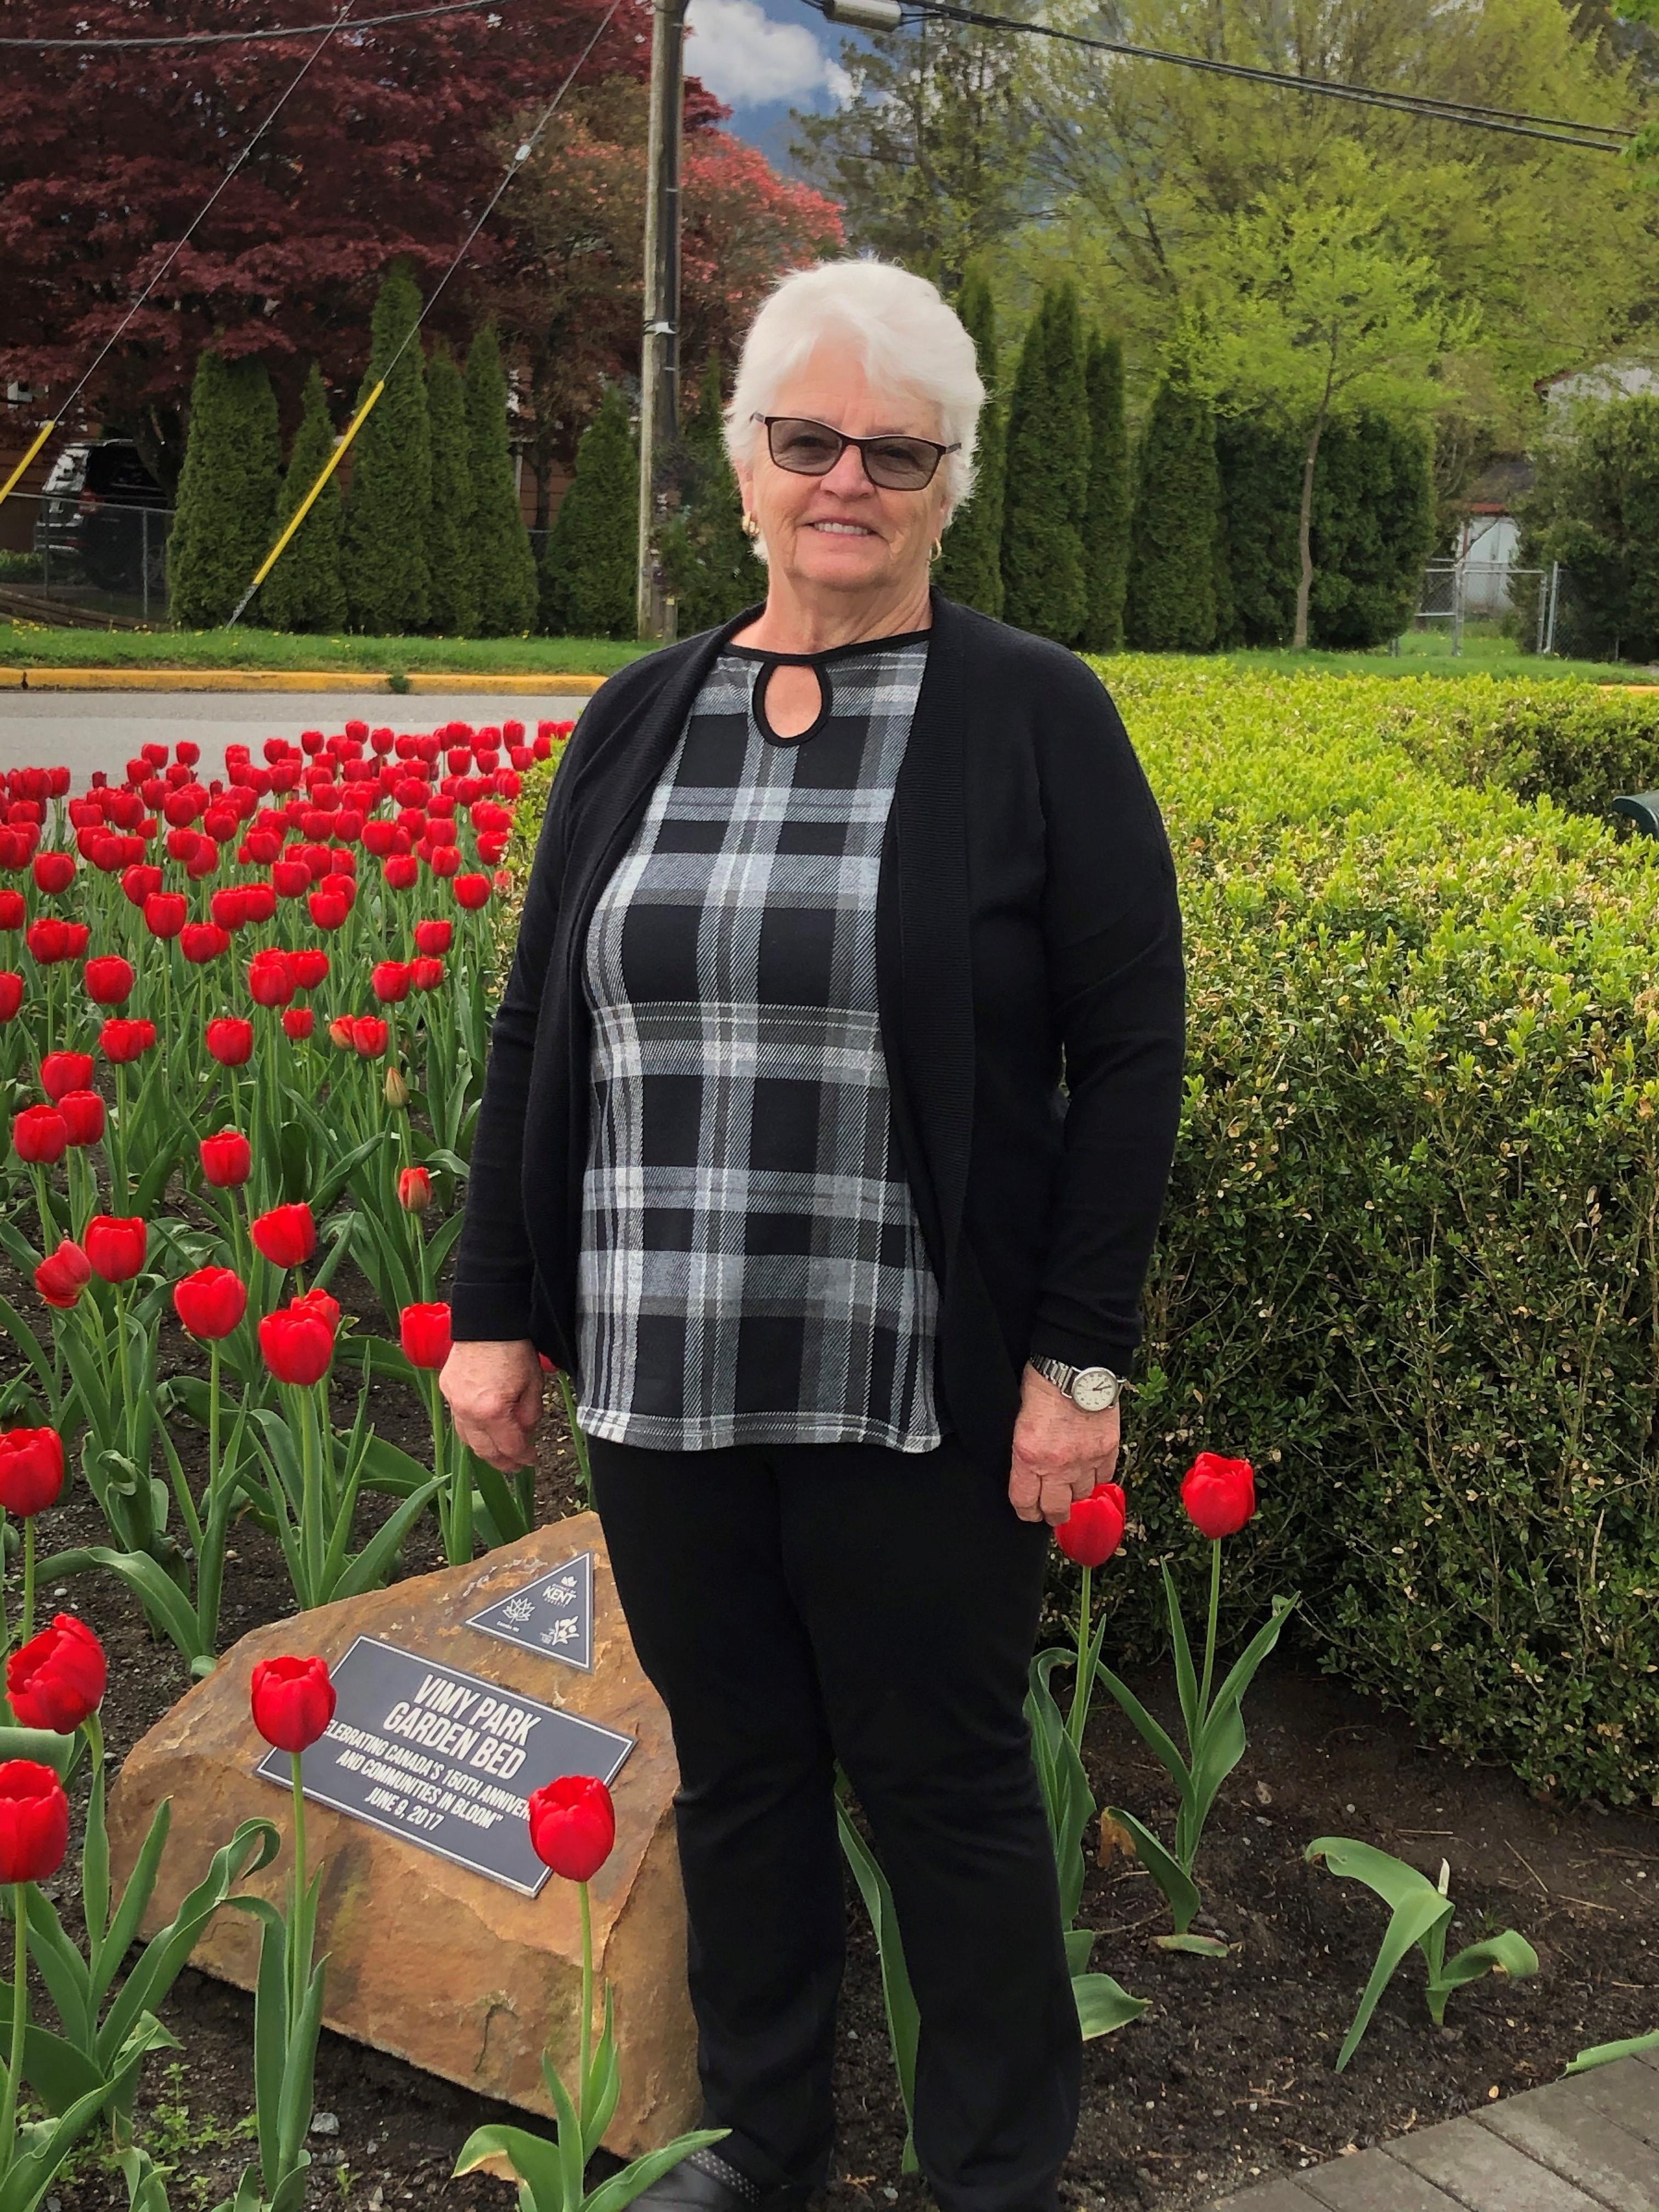 Mayor with tulips